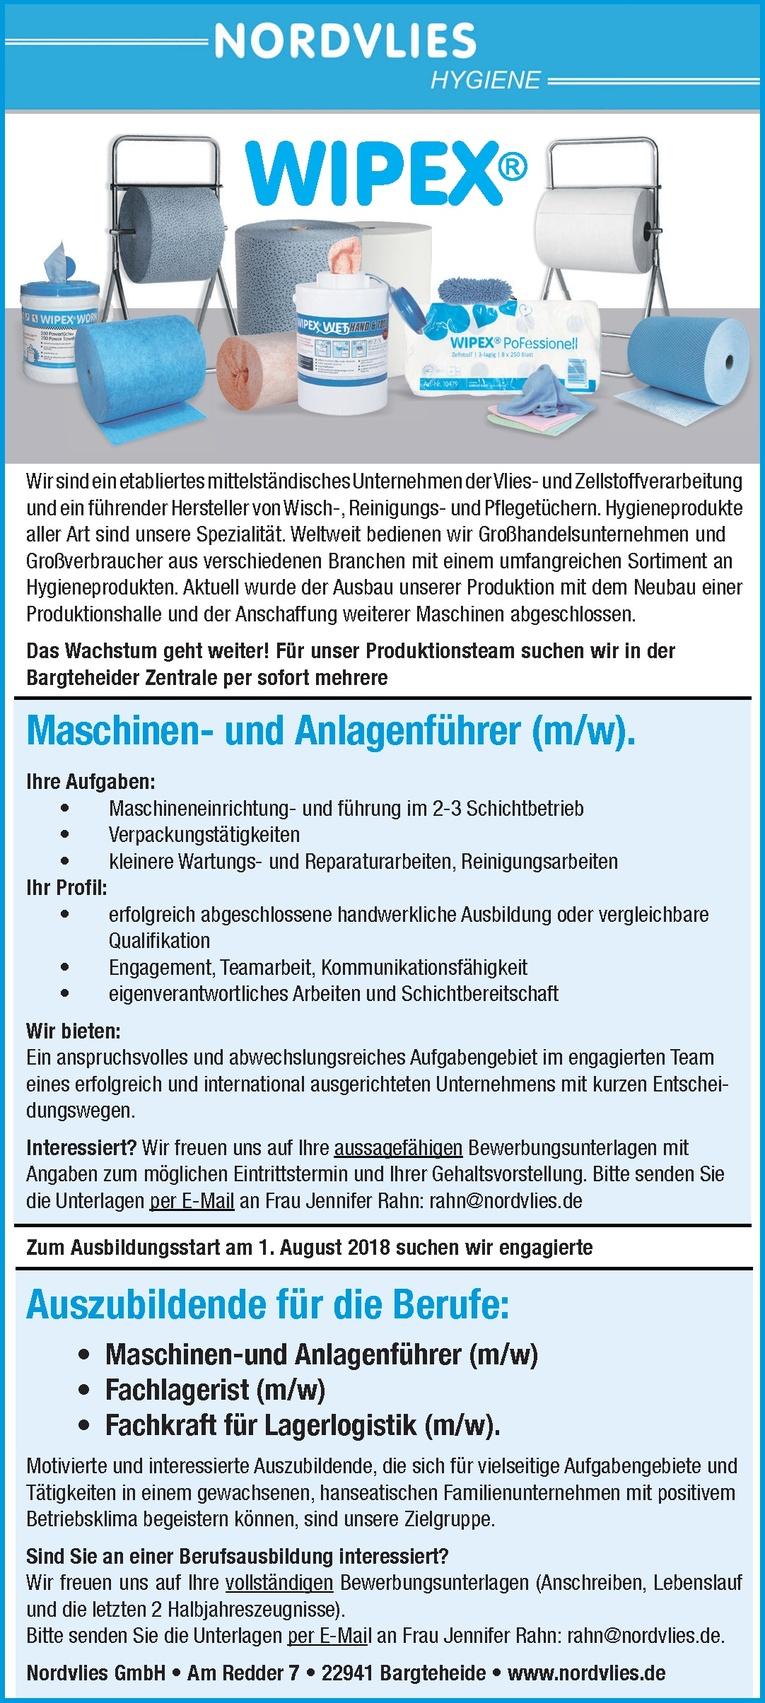 Maschinen- und Anlagenführer (m/w)